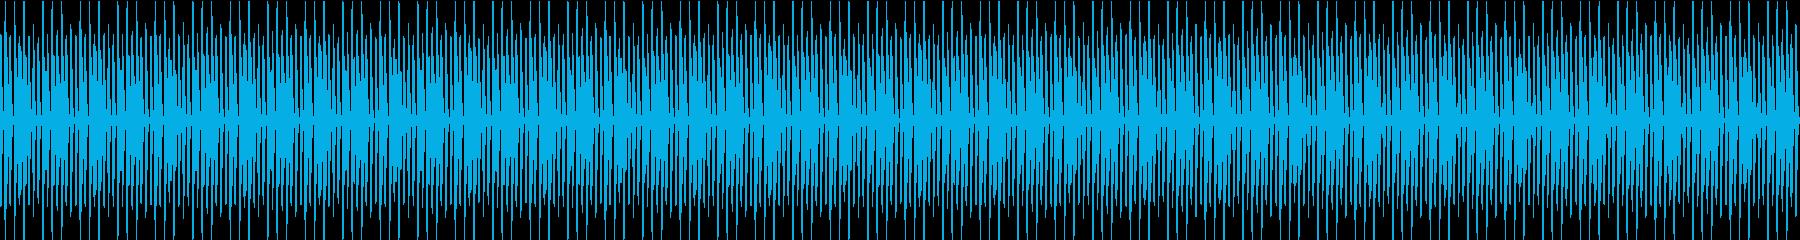 マリンバ・生配信・ほのぼの・ループ・日常の再生済みの波形